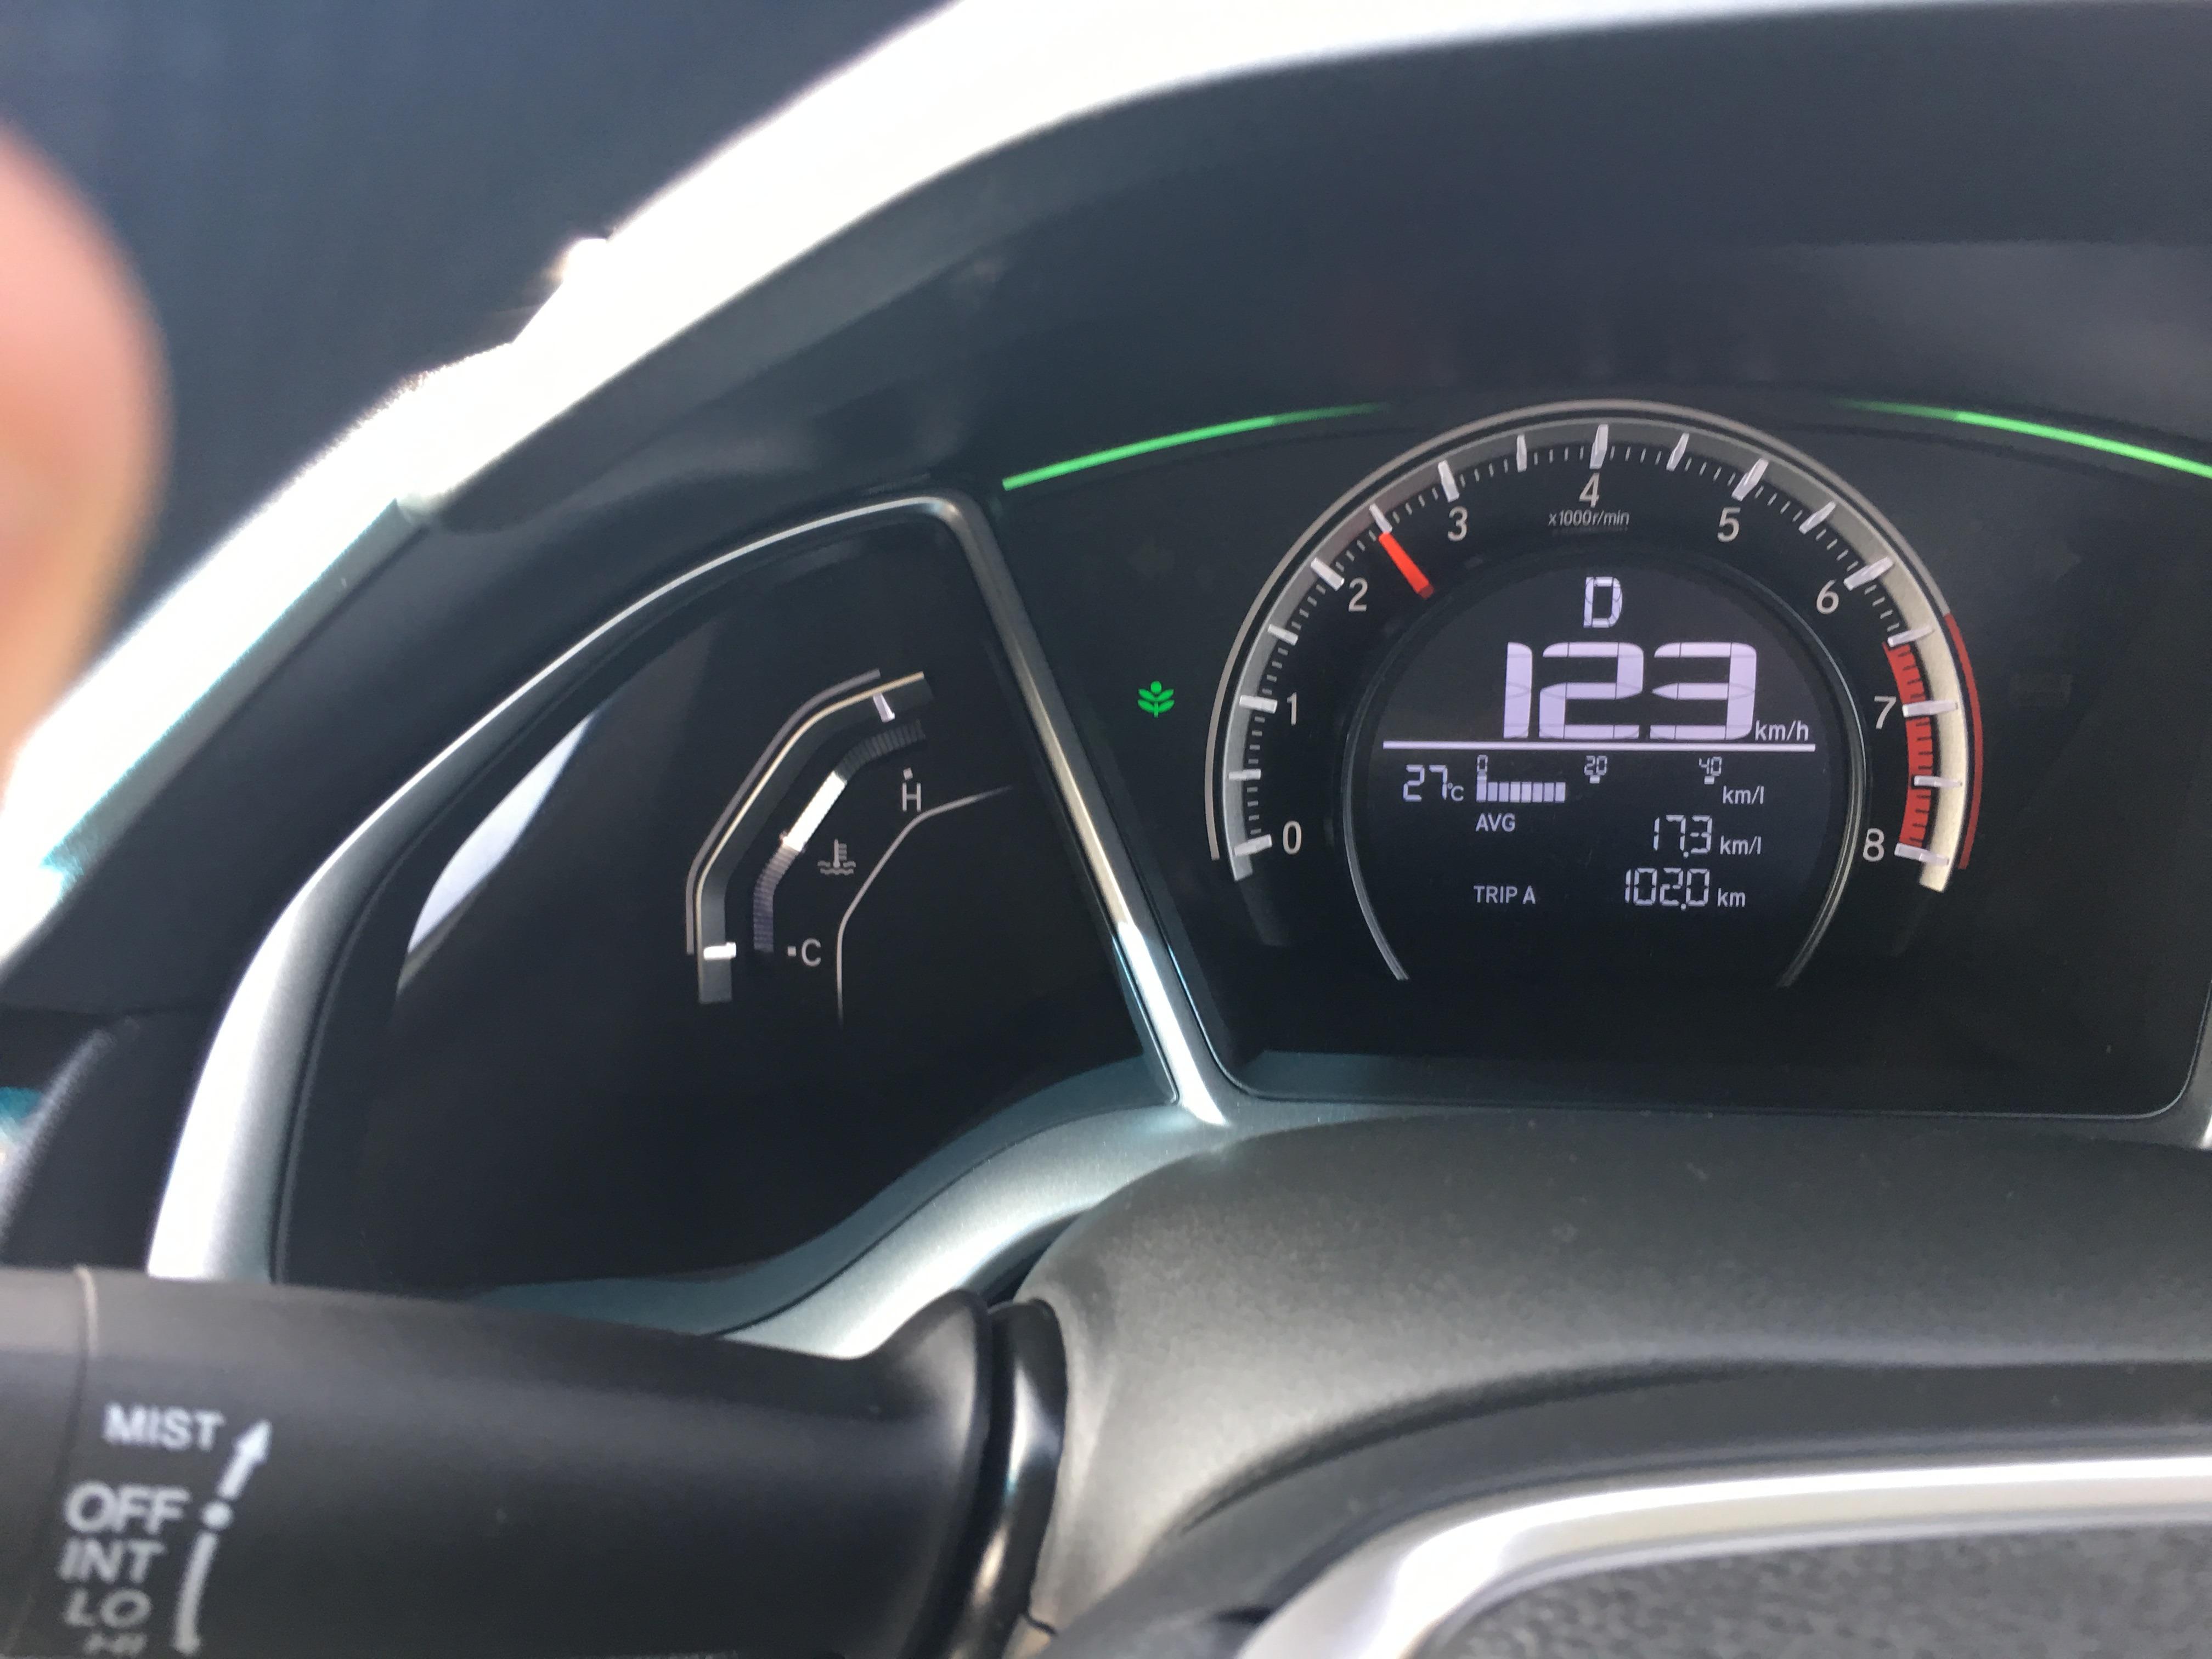 Civic X fuel consumption current calculations - Honda